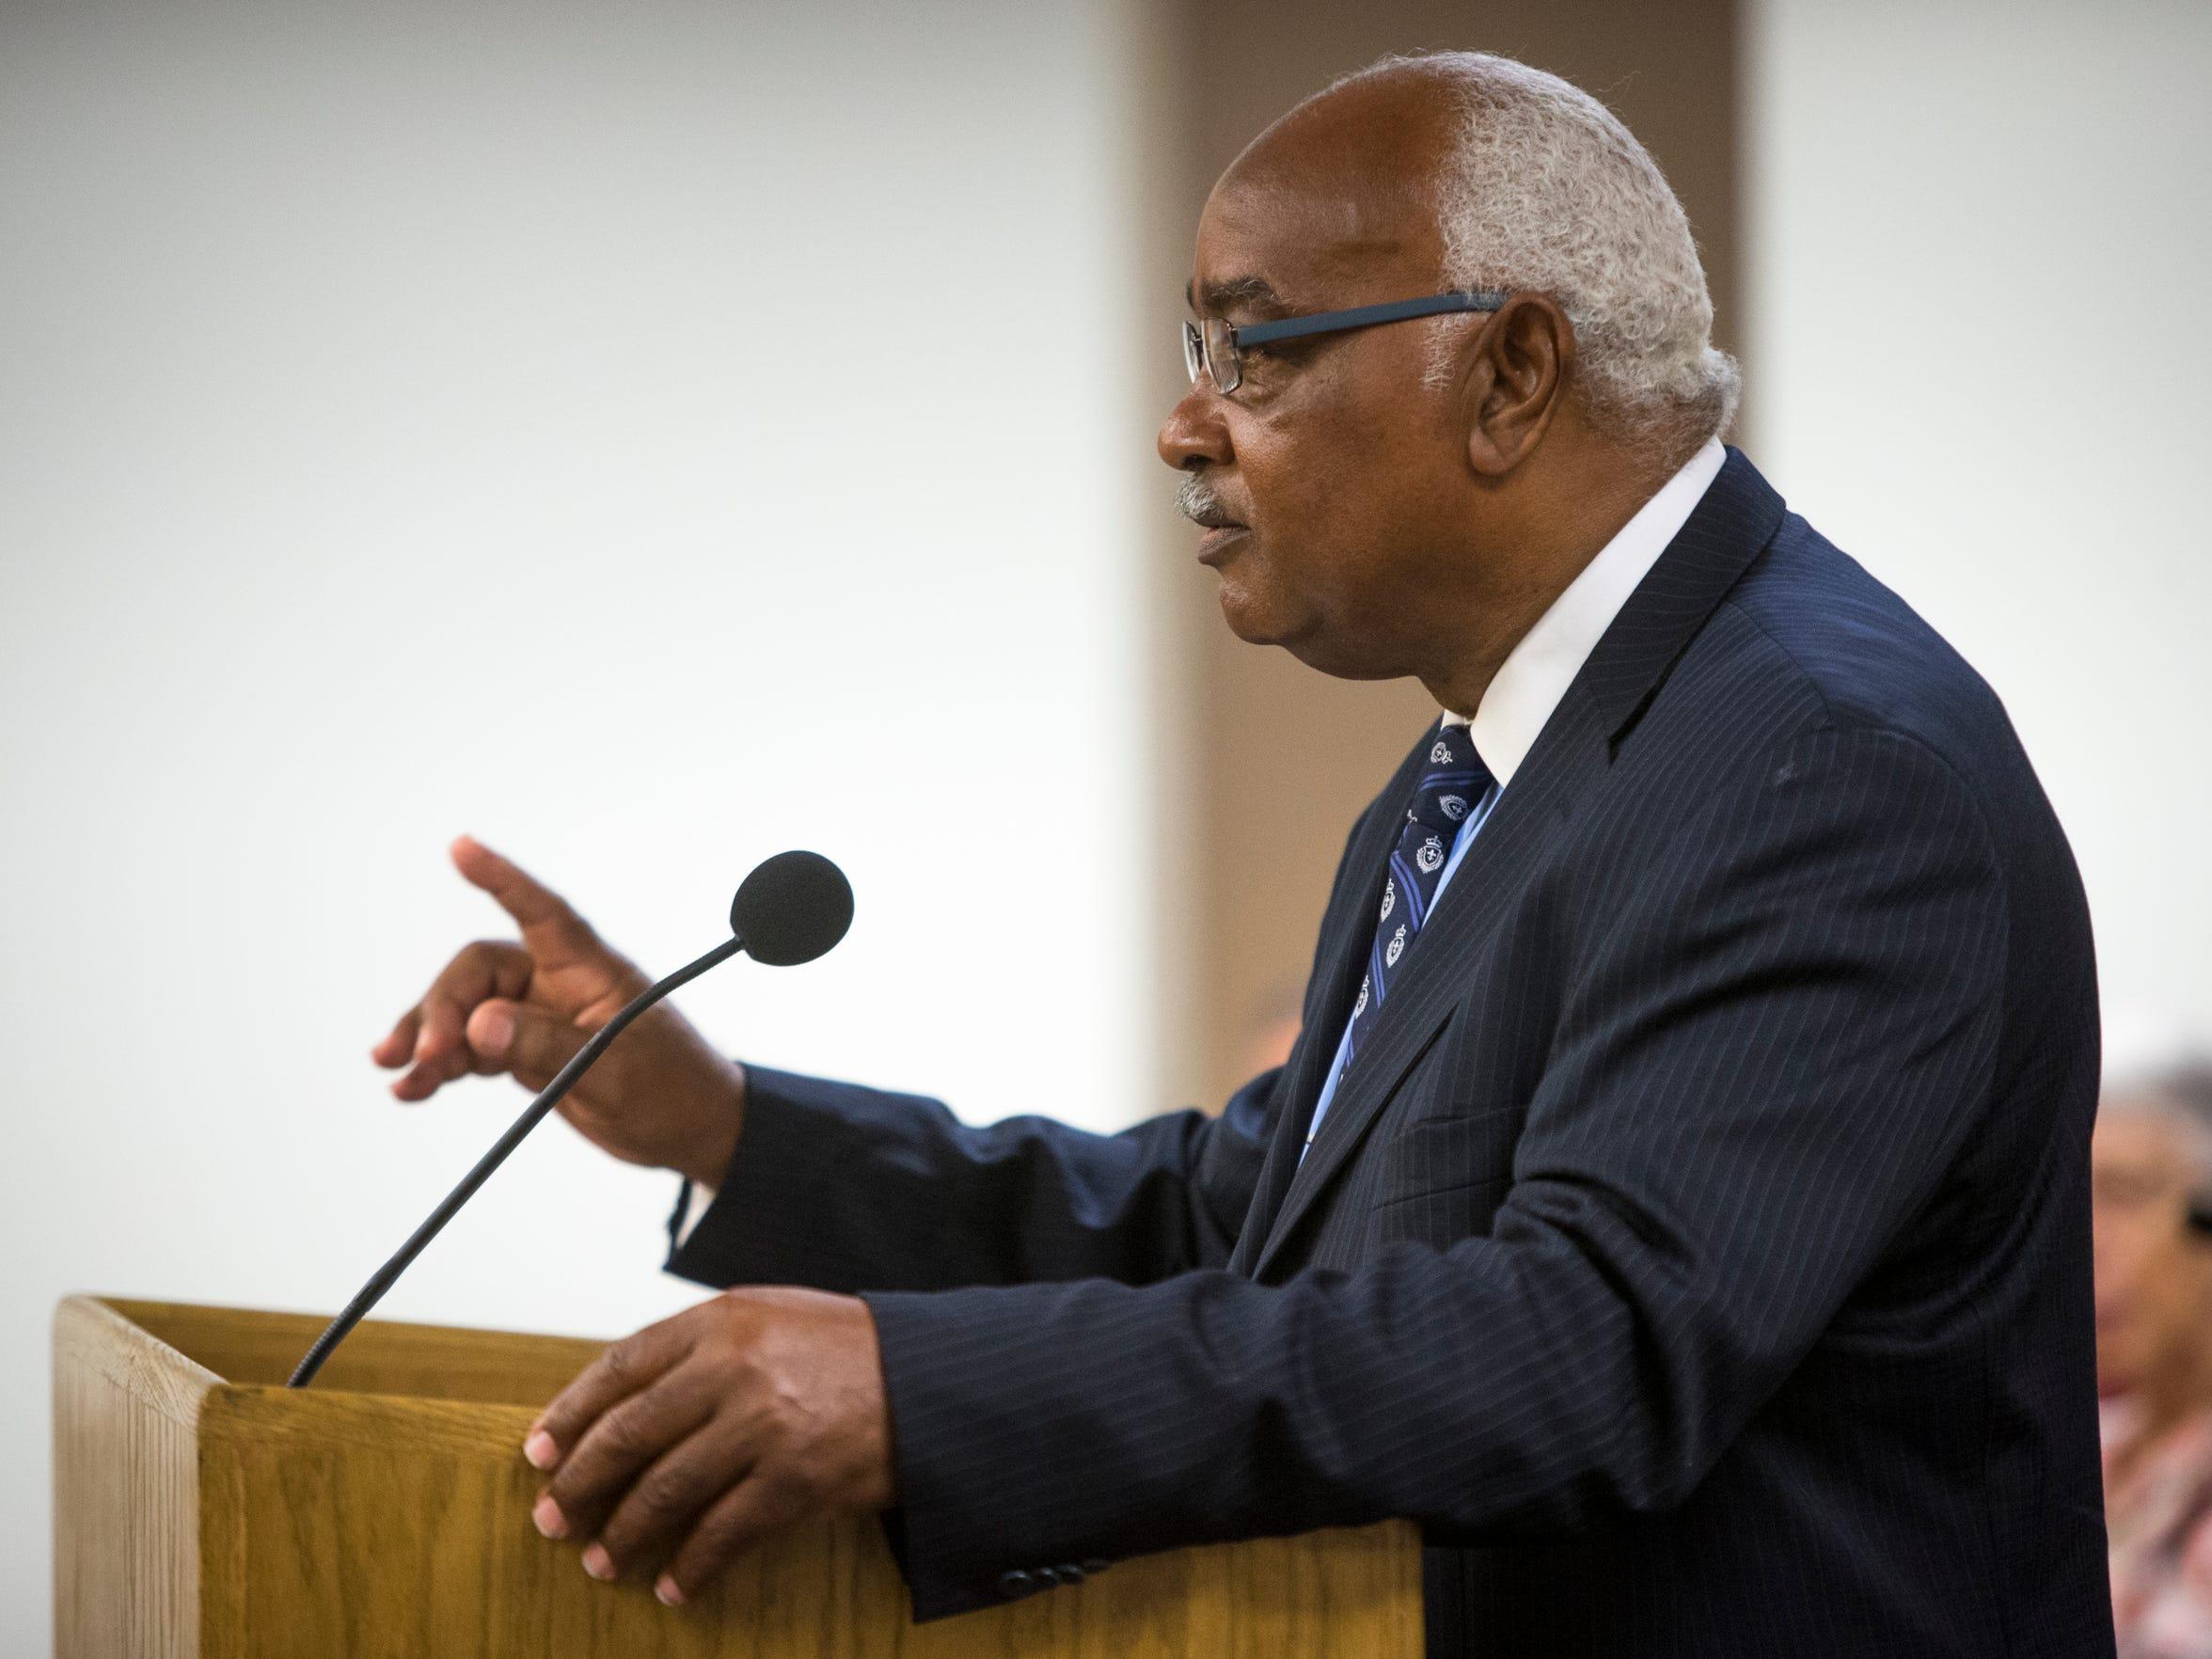 Rev. Oscar Tillman speaks in opposition at a legislative